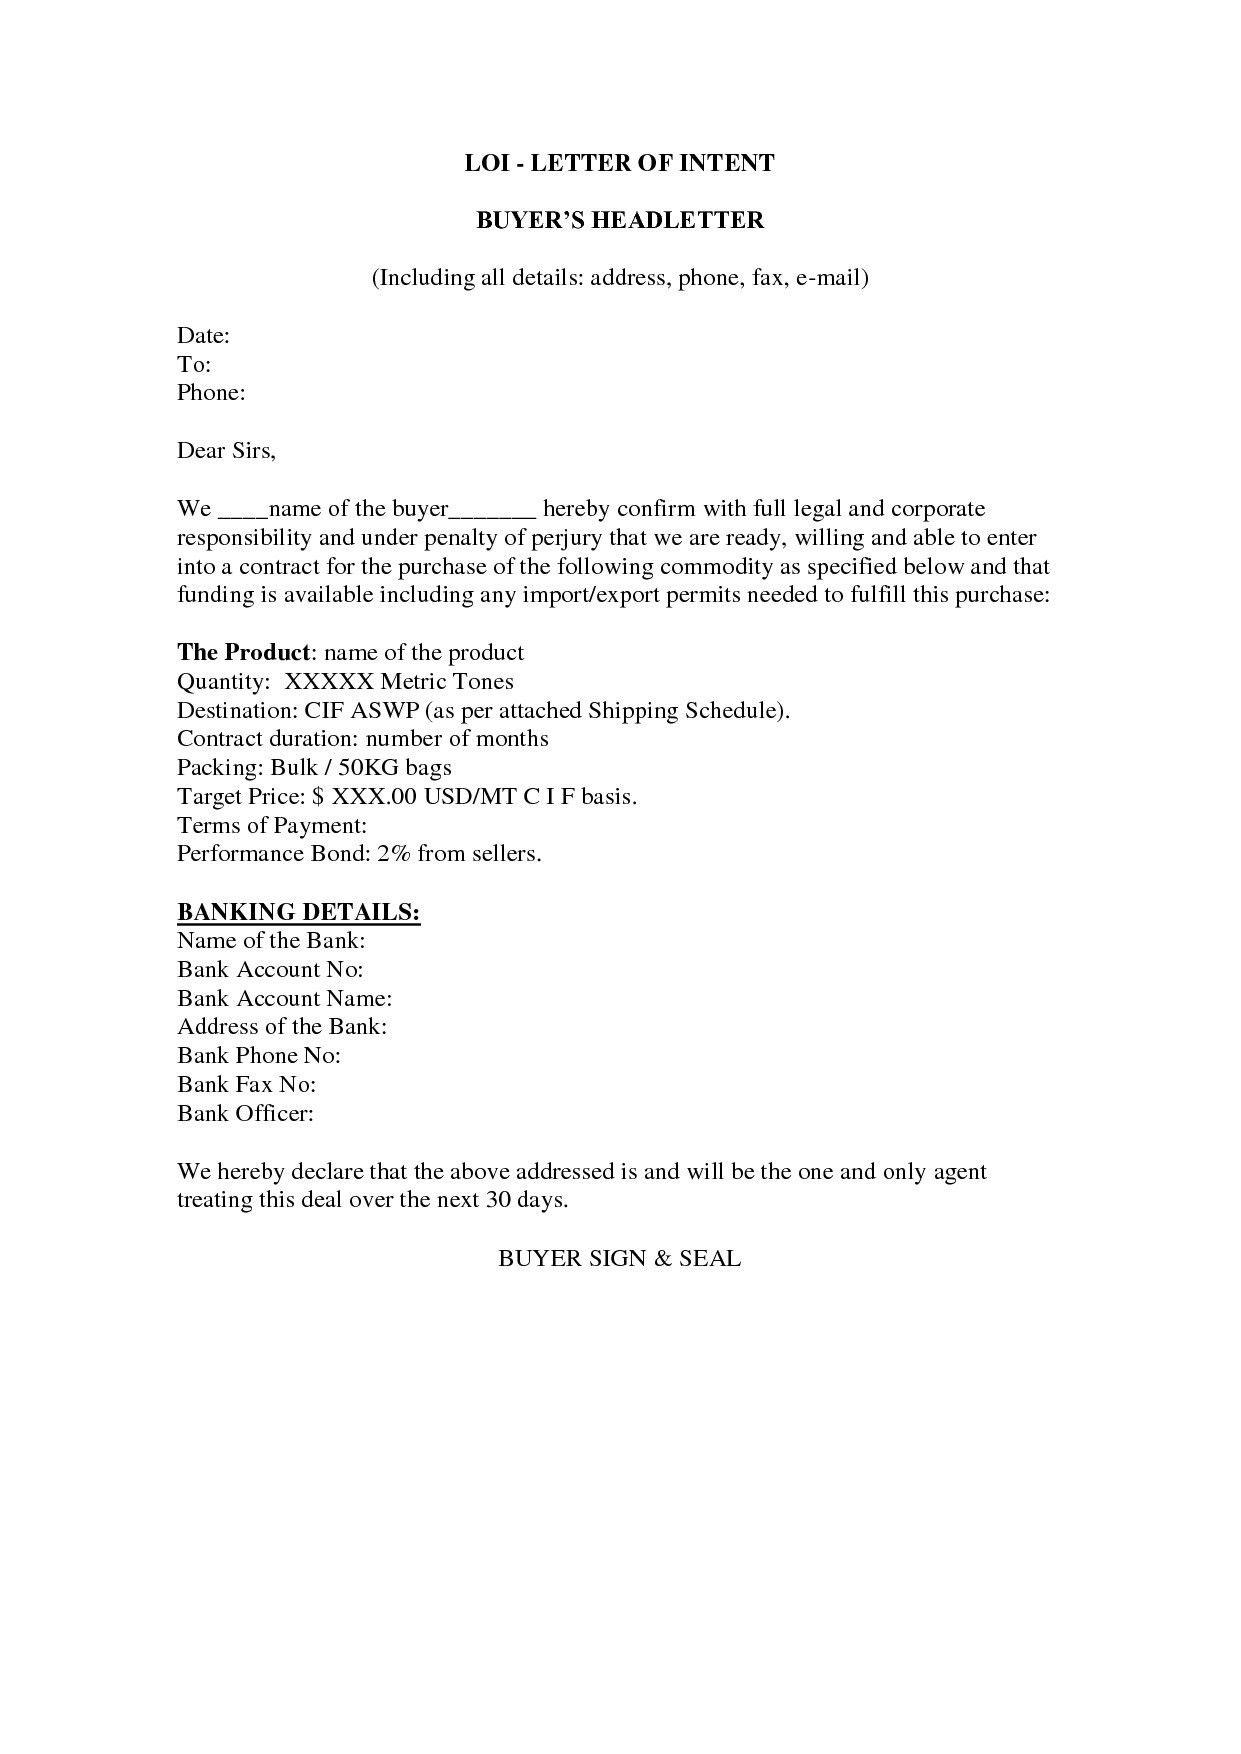 bank letterhead format